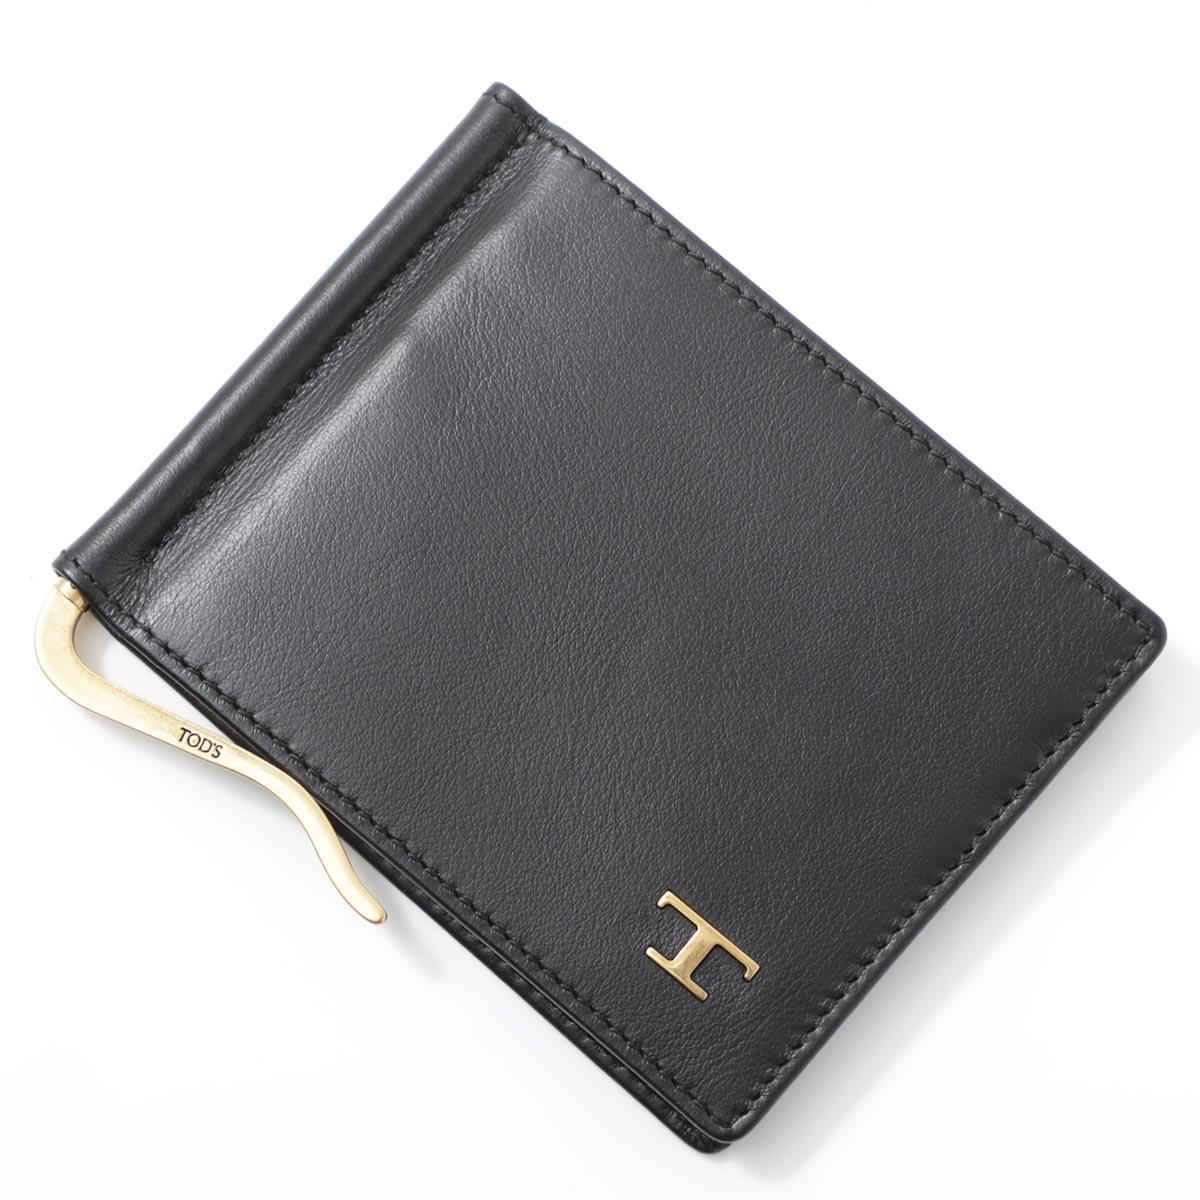 トッズ TODS マネークリップ カードケース ブラック メンズ 財布 レザー 小物 xamtsic2300myi b999【_関東】【返品送料無料】【ラッピング無料】